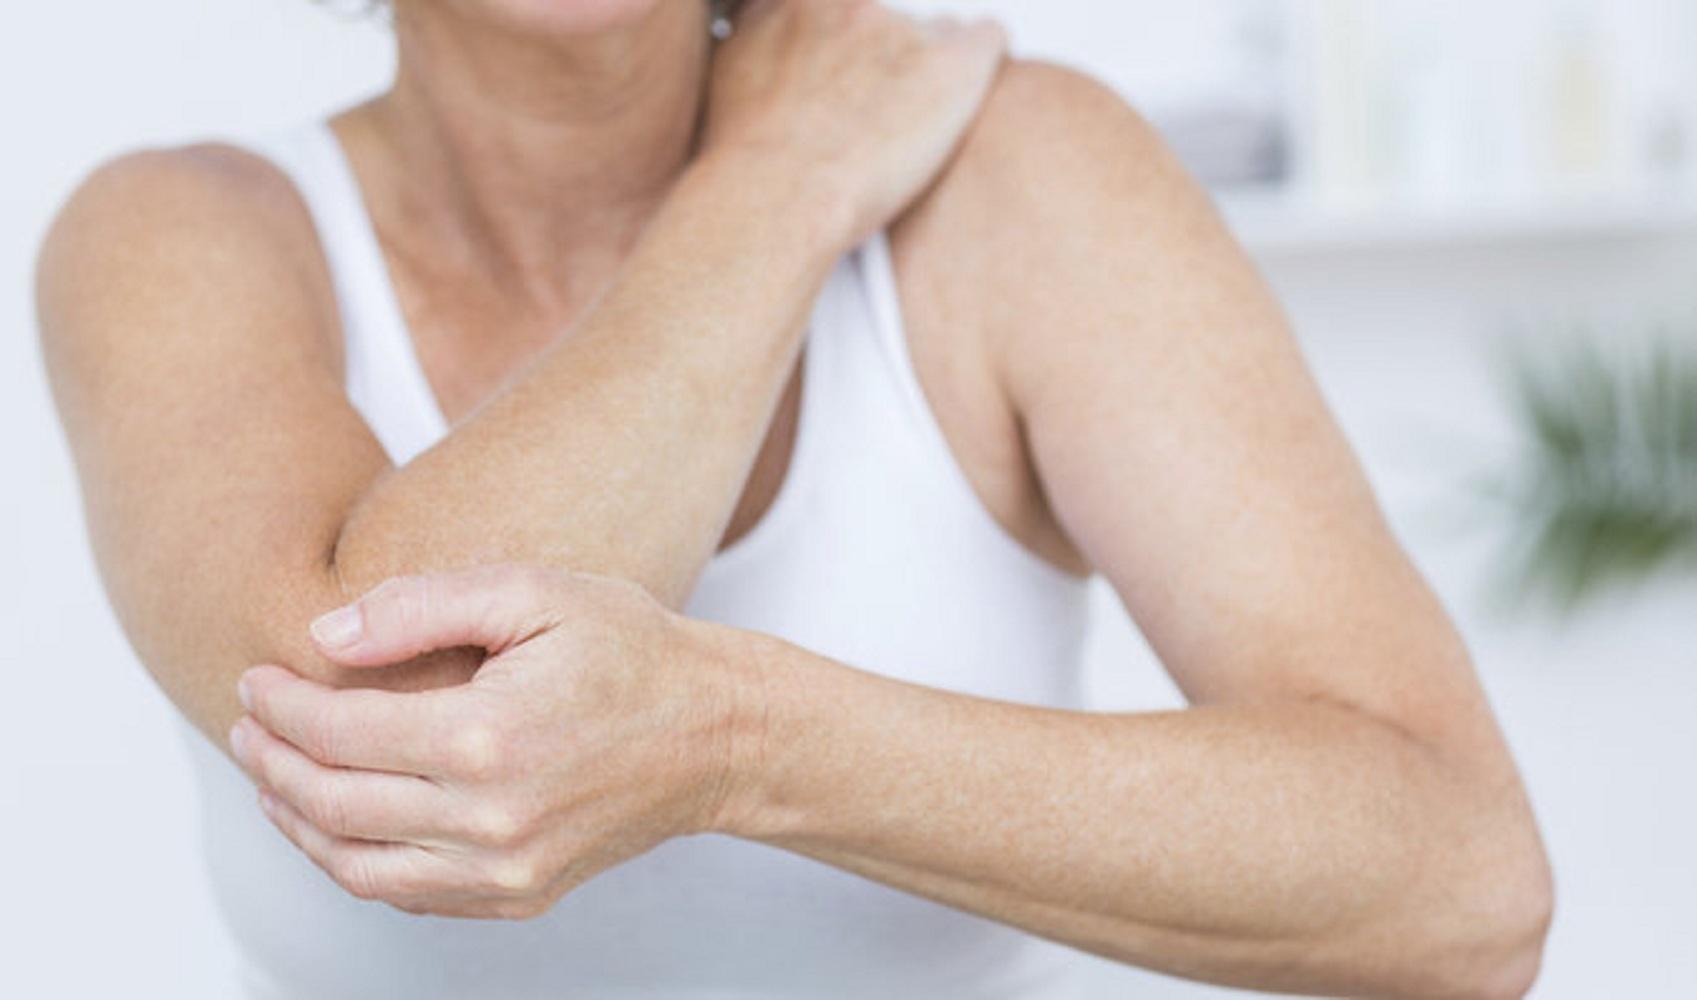 durere în durerea articulației cotului mâinii stângi